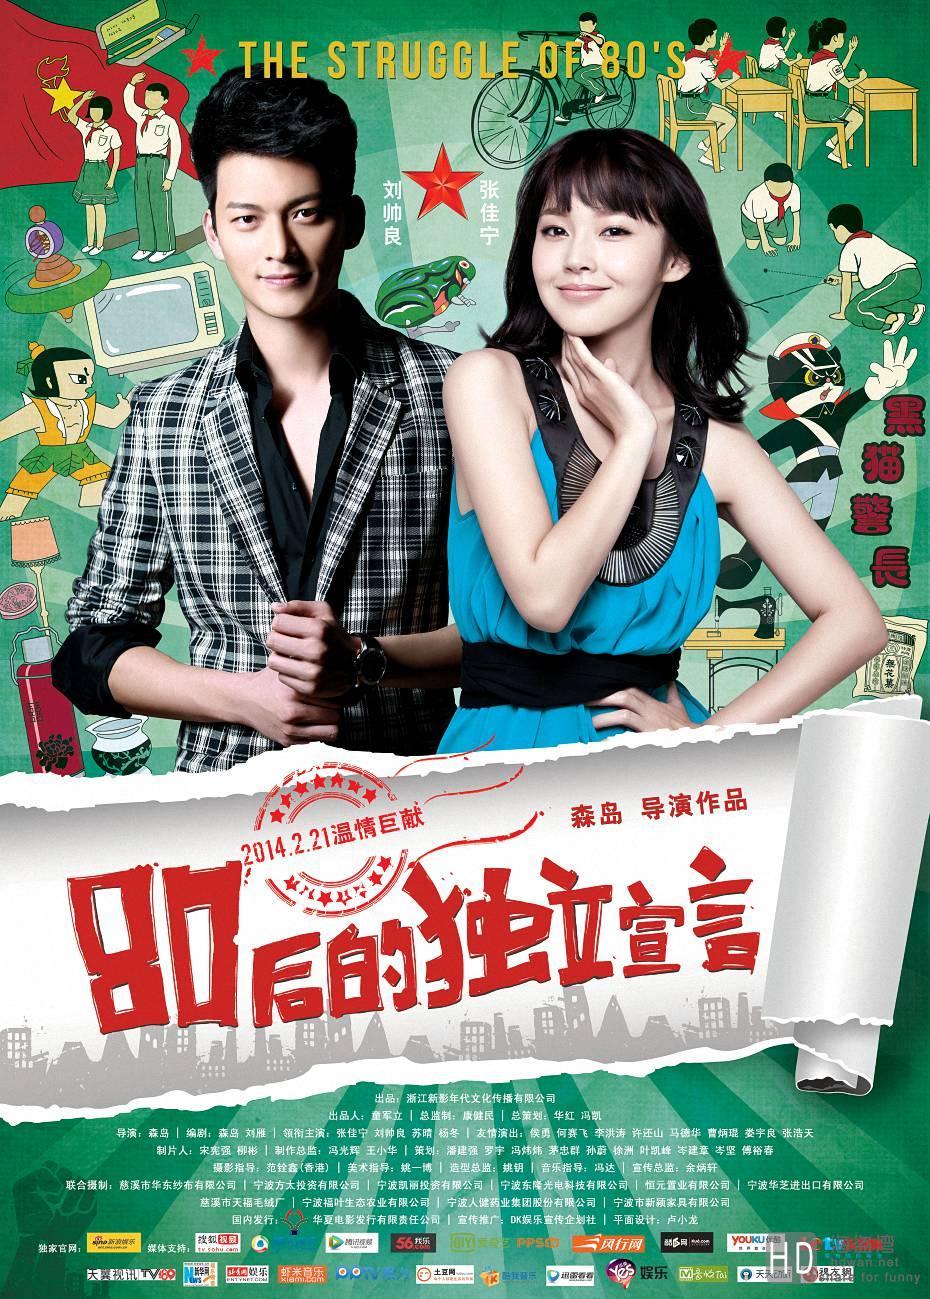 [2014][中国][80后的独立宣言][DVD/MKV/迅雷电影下载]